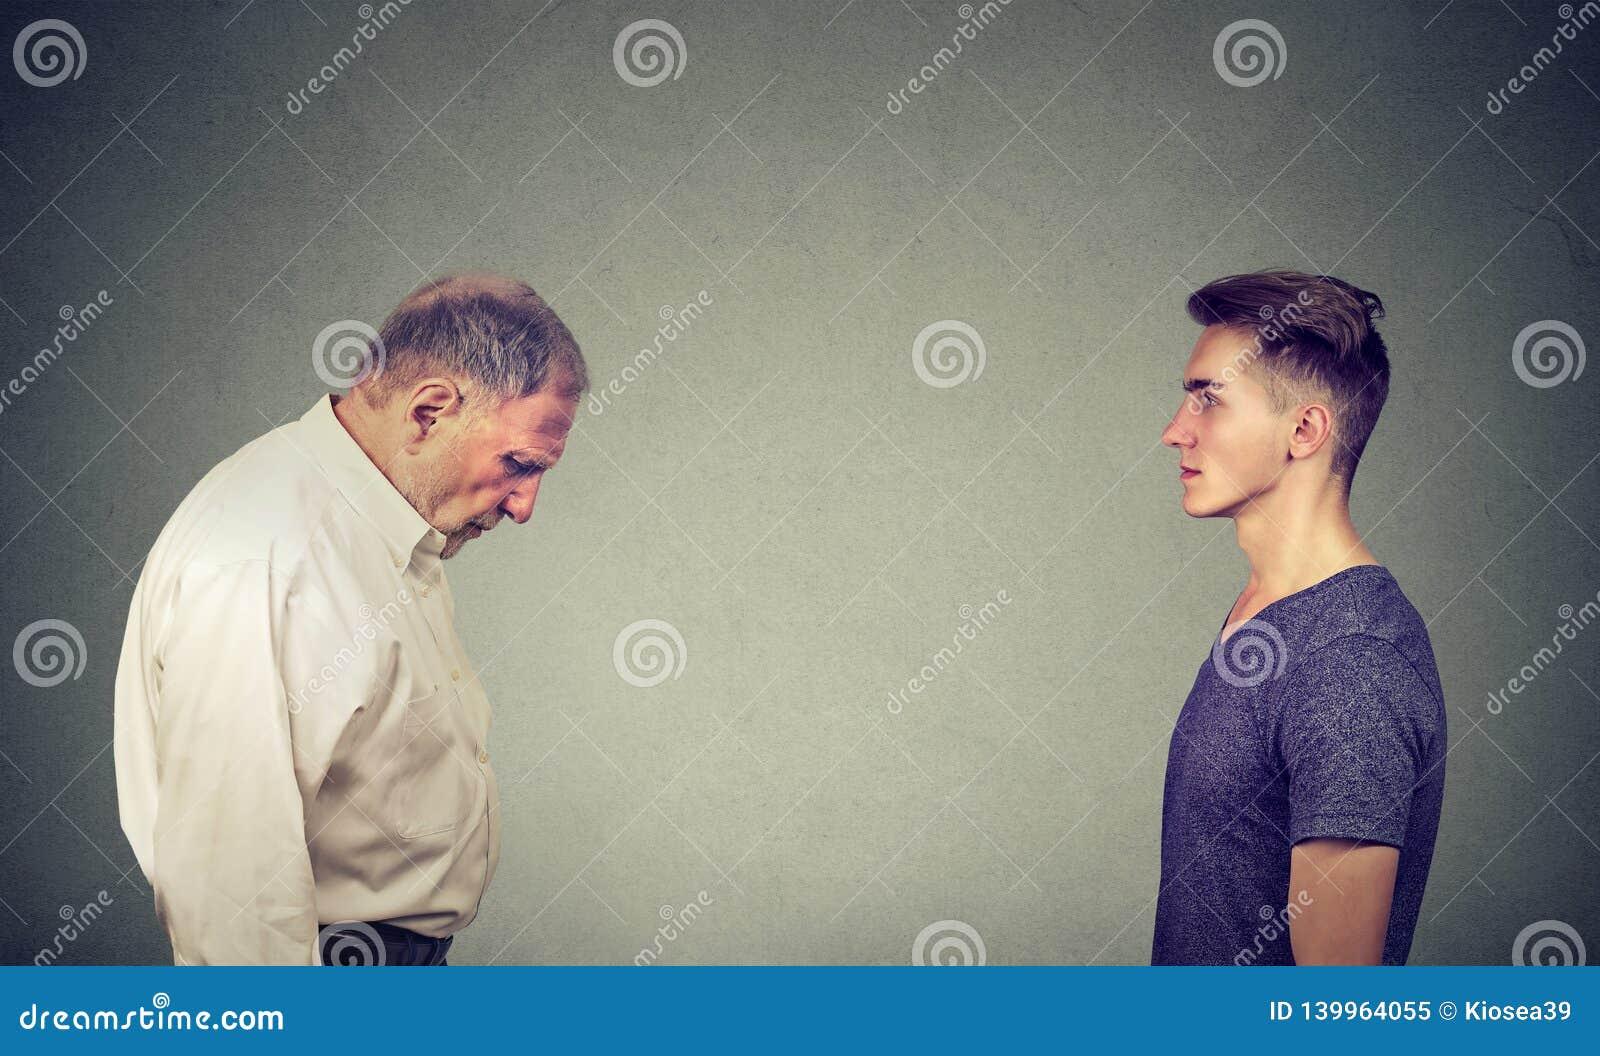 El hombre joven que miraba la anciano se presionó